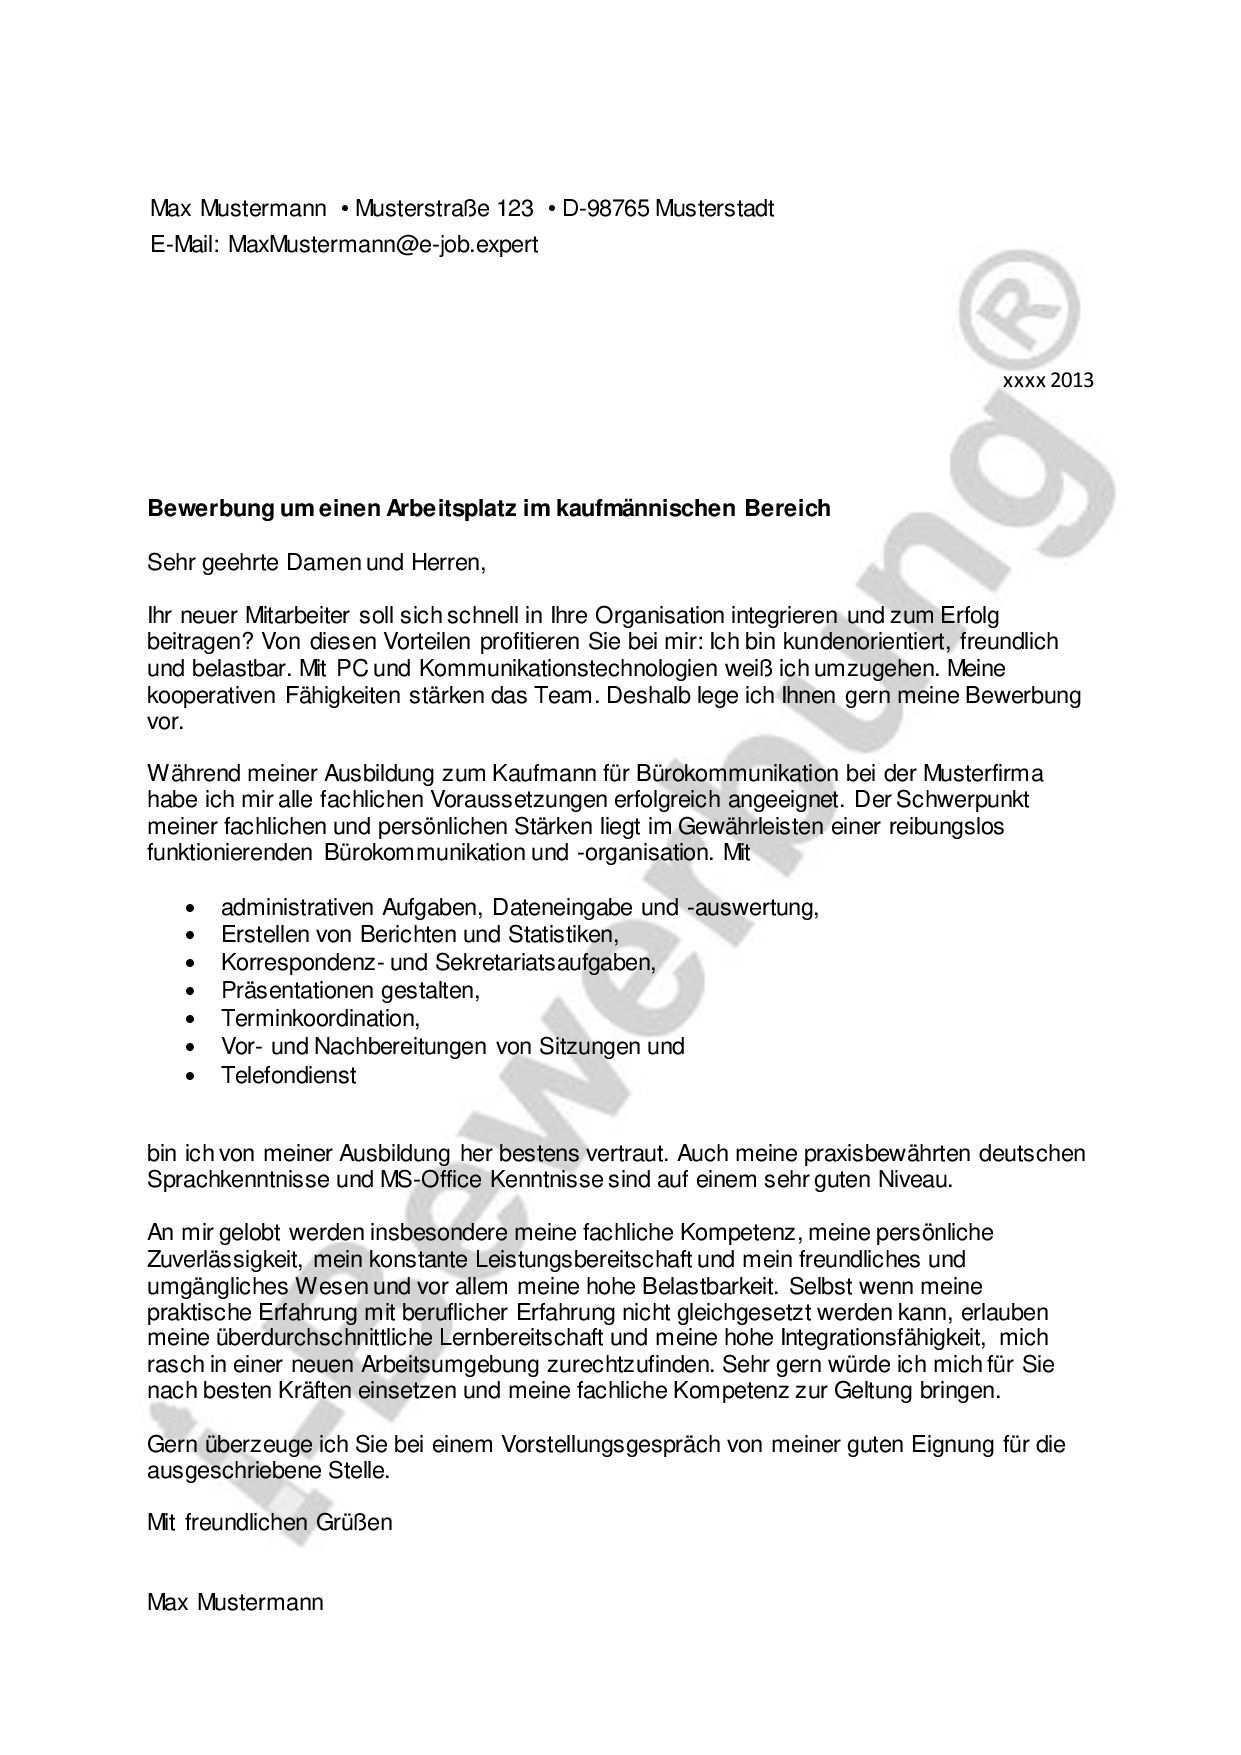 Was Ist Initiativbewerbung Entdecken Sie Den Verdeckten Stellenmarkt Bewerbung Schreiben Bewerbung Anschreiben Bewerbung Formulierung